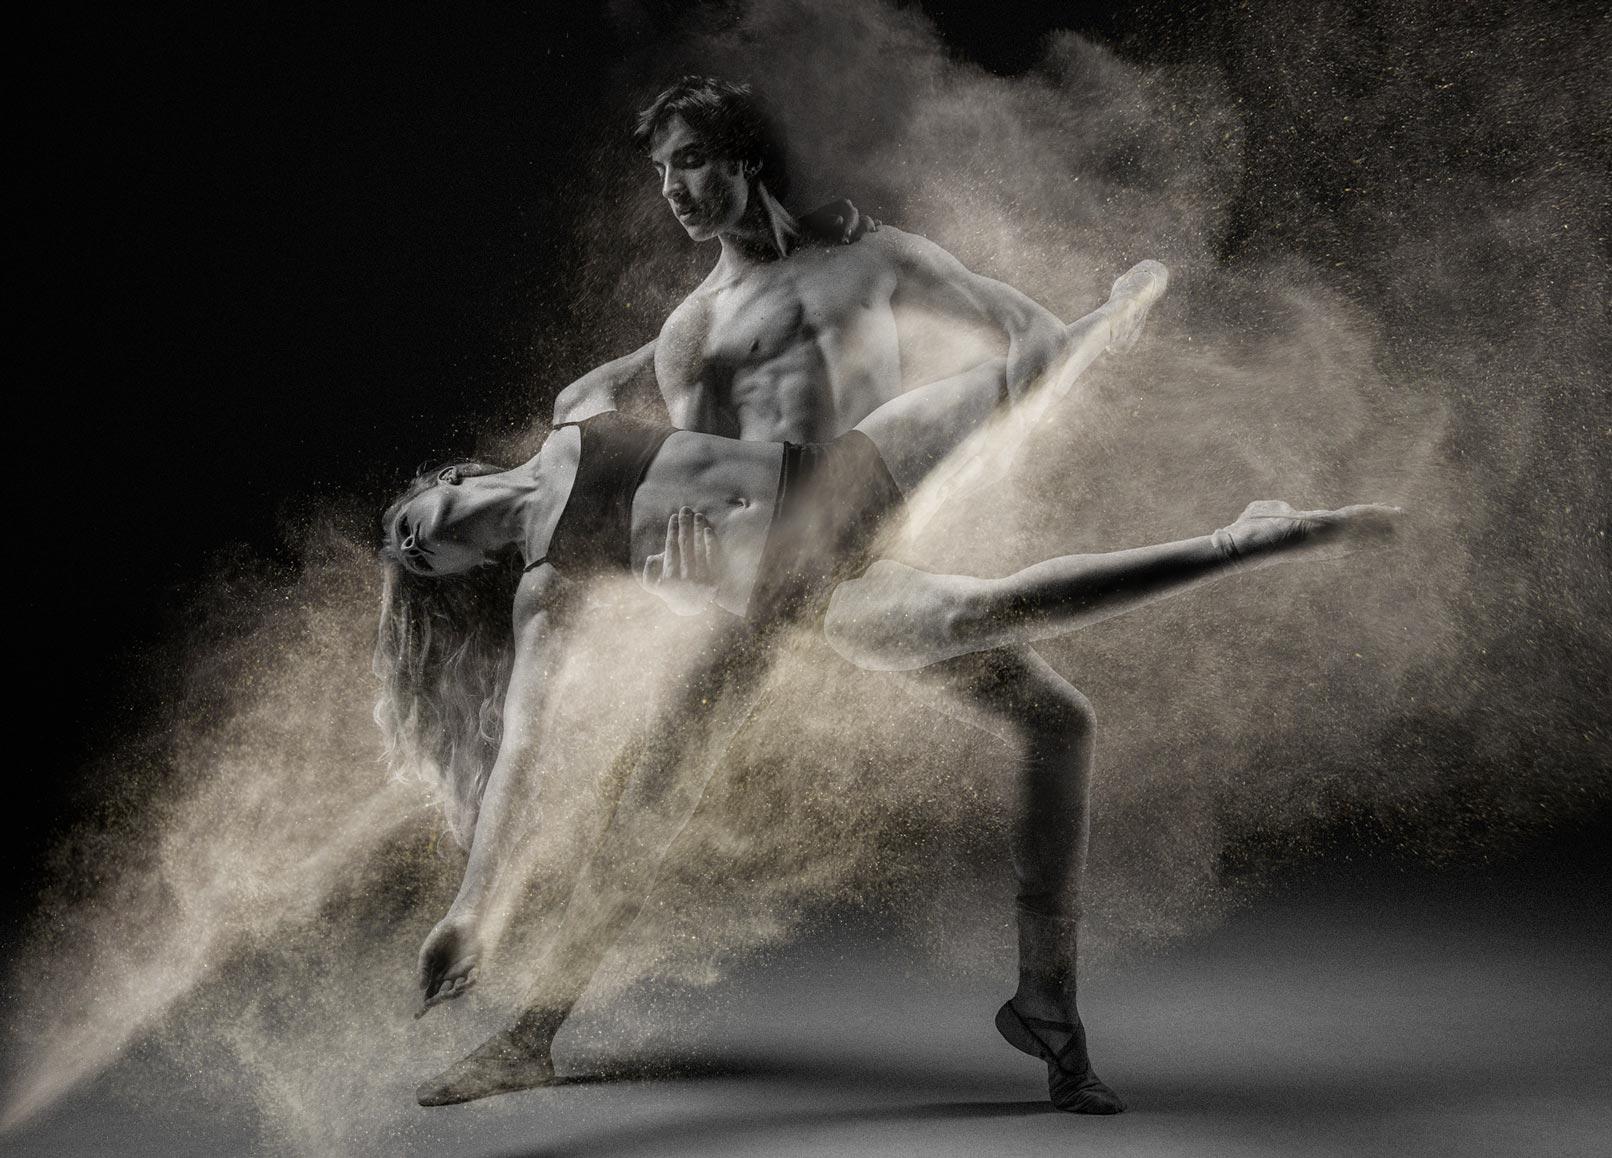 Tanzpaar in Schwarz-Weiß, Foto wurde mittels Textur mit einem Staub-Effekt versehen.